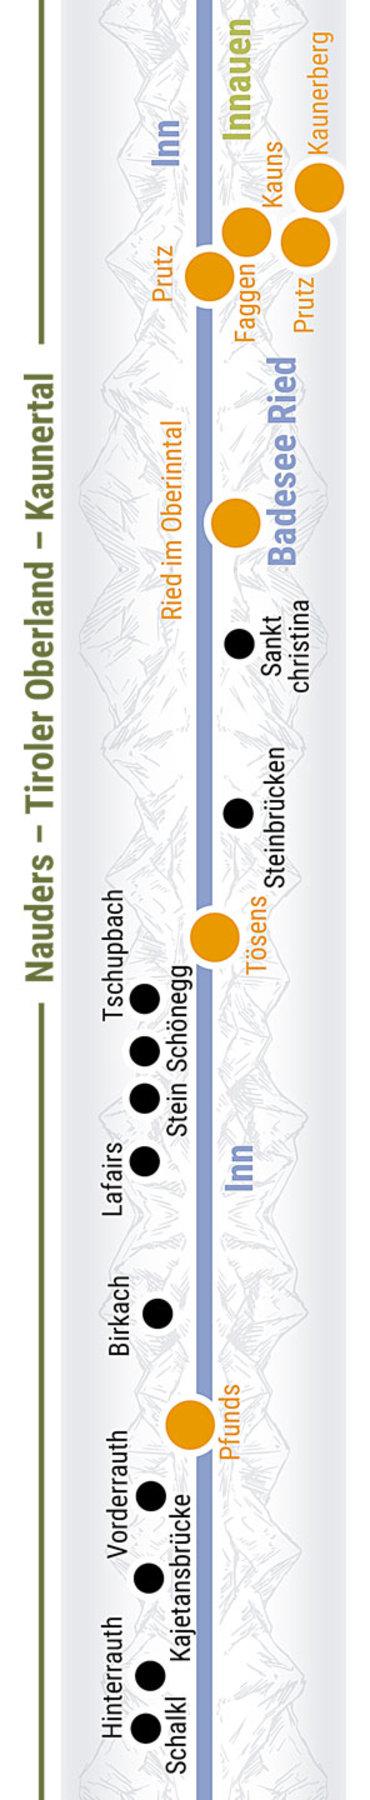 Übersichtskarte rechts Teilabschnitt 19 Tiroler Oberland